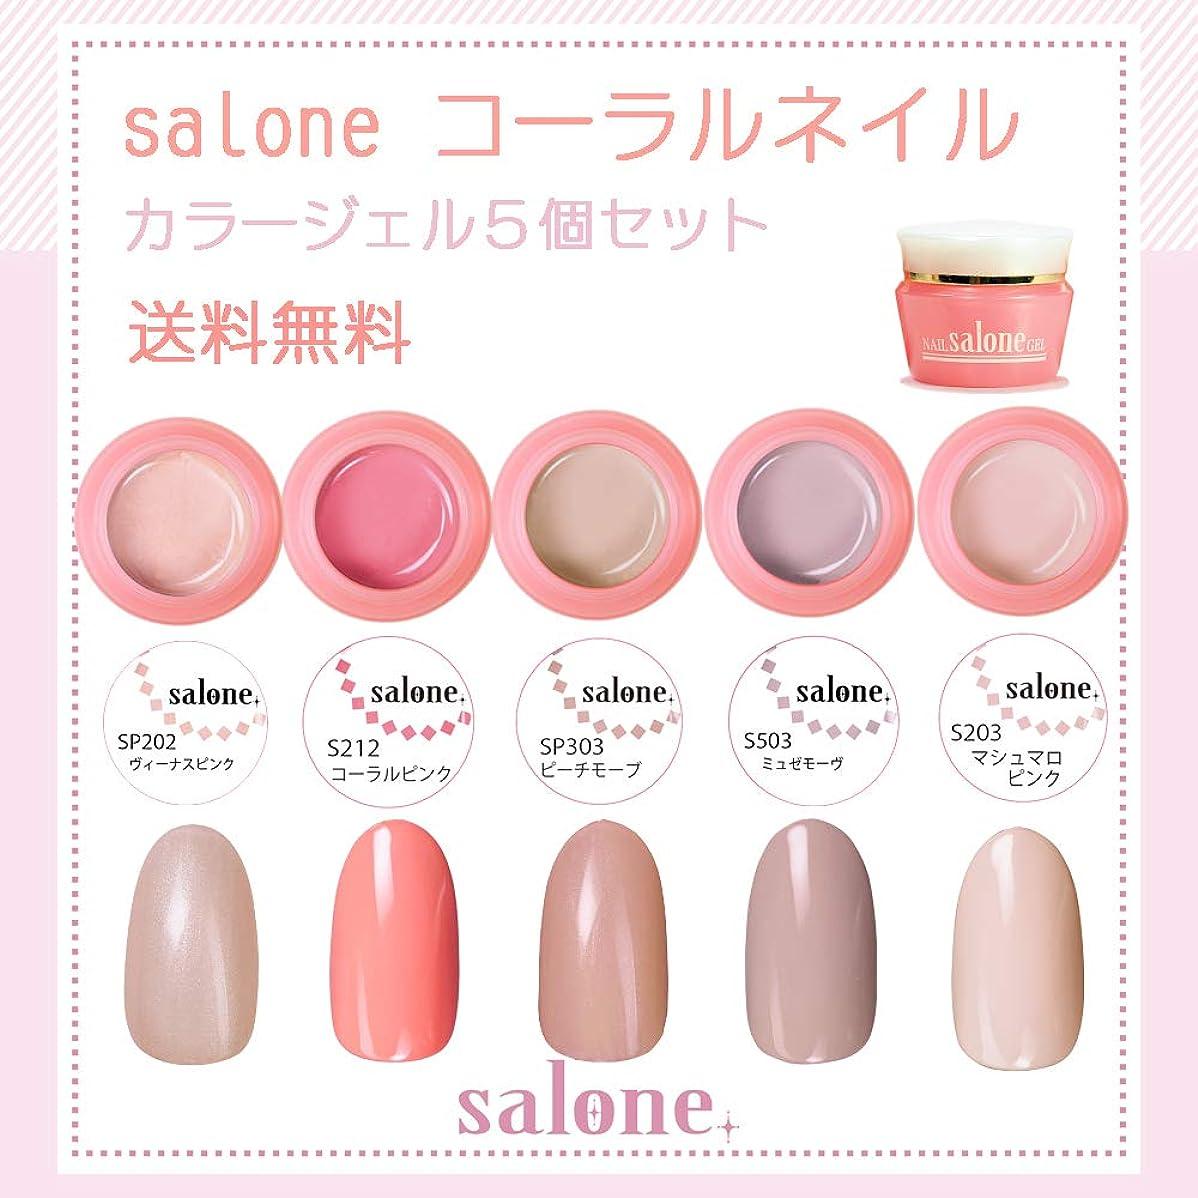 歴史的ヨーグルト王位【送料無料 日本製】Salone コーラルネイル カラージェル5個セット 明るくて肌なじみの良い人気カラーをチョイスしました。